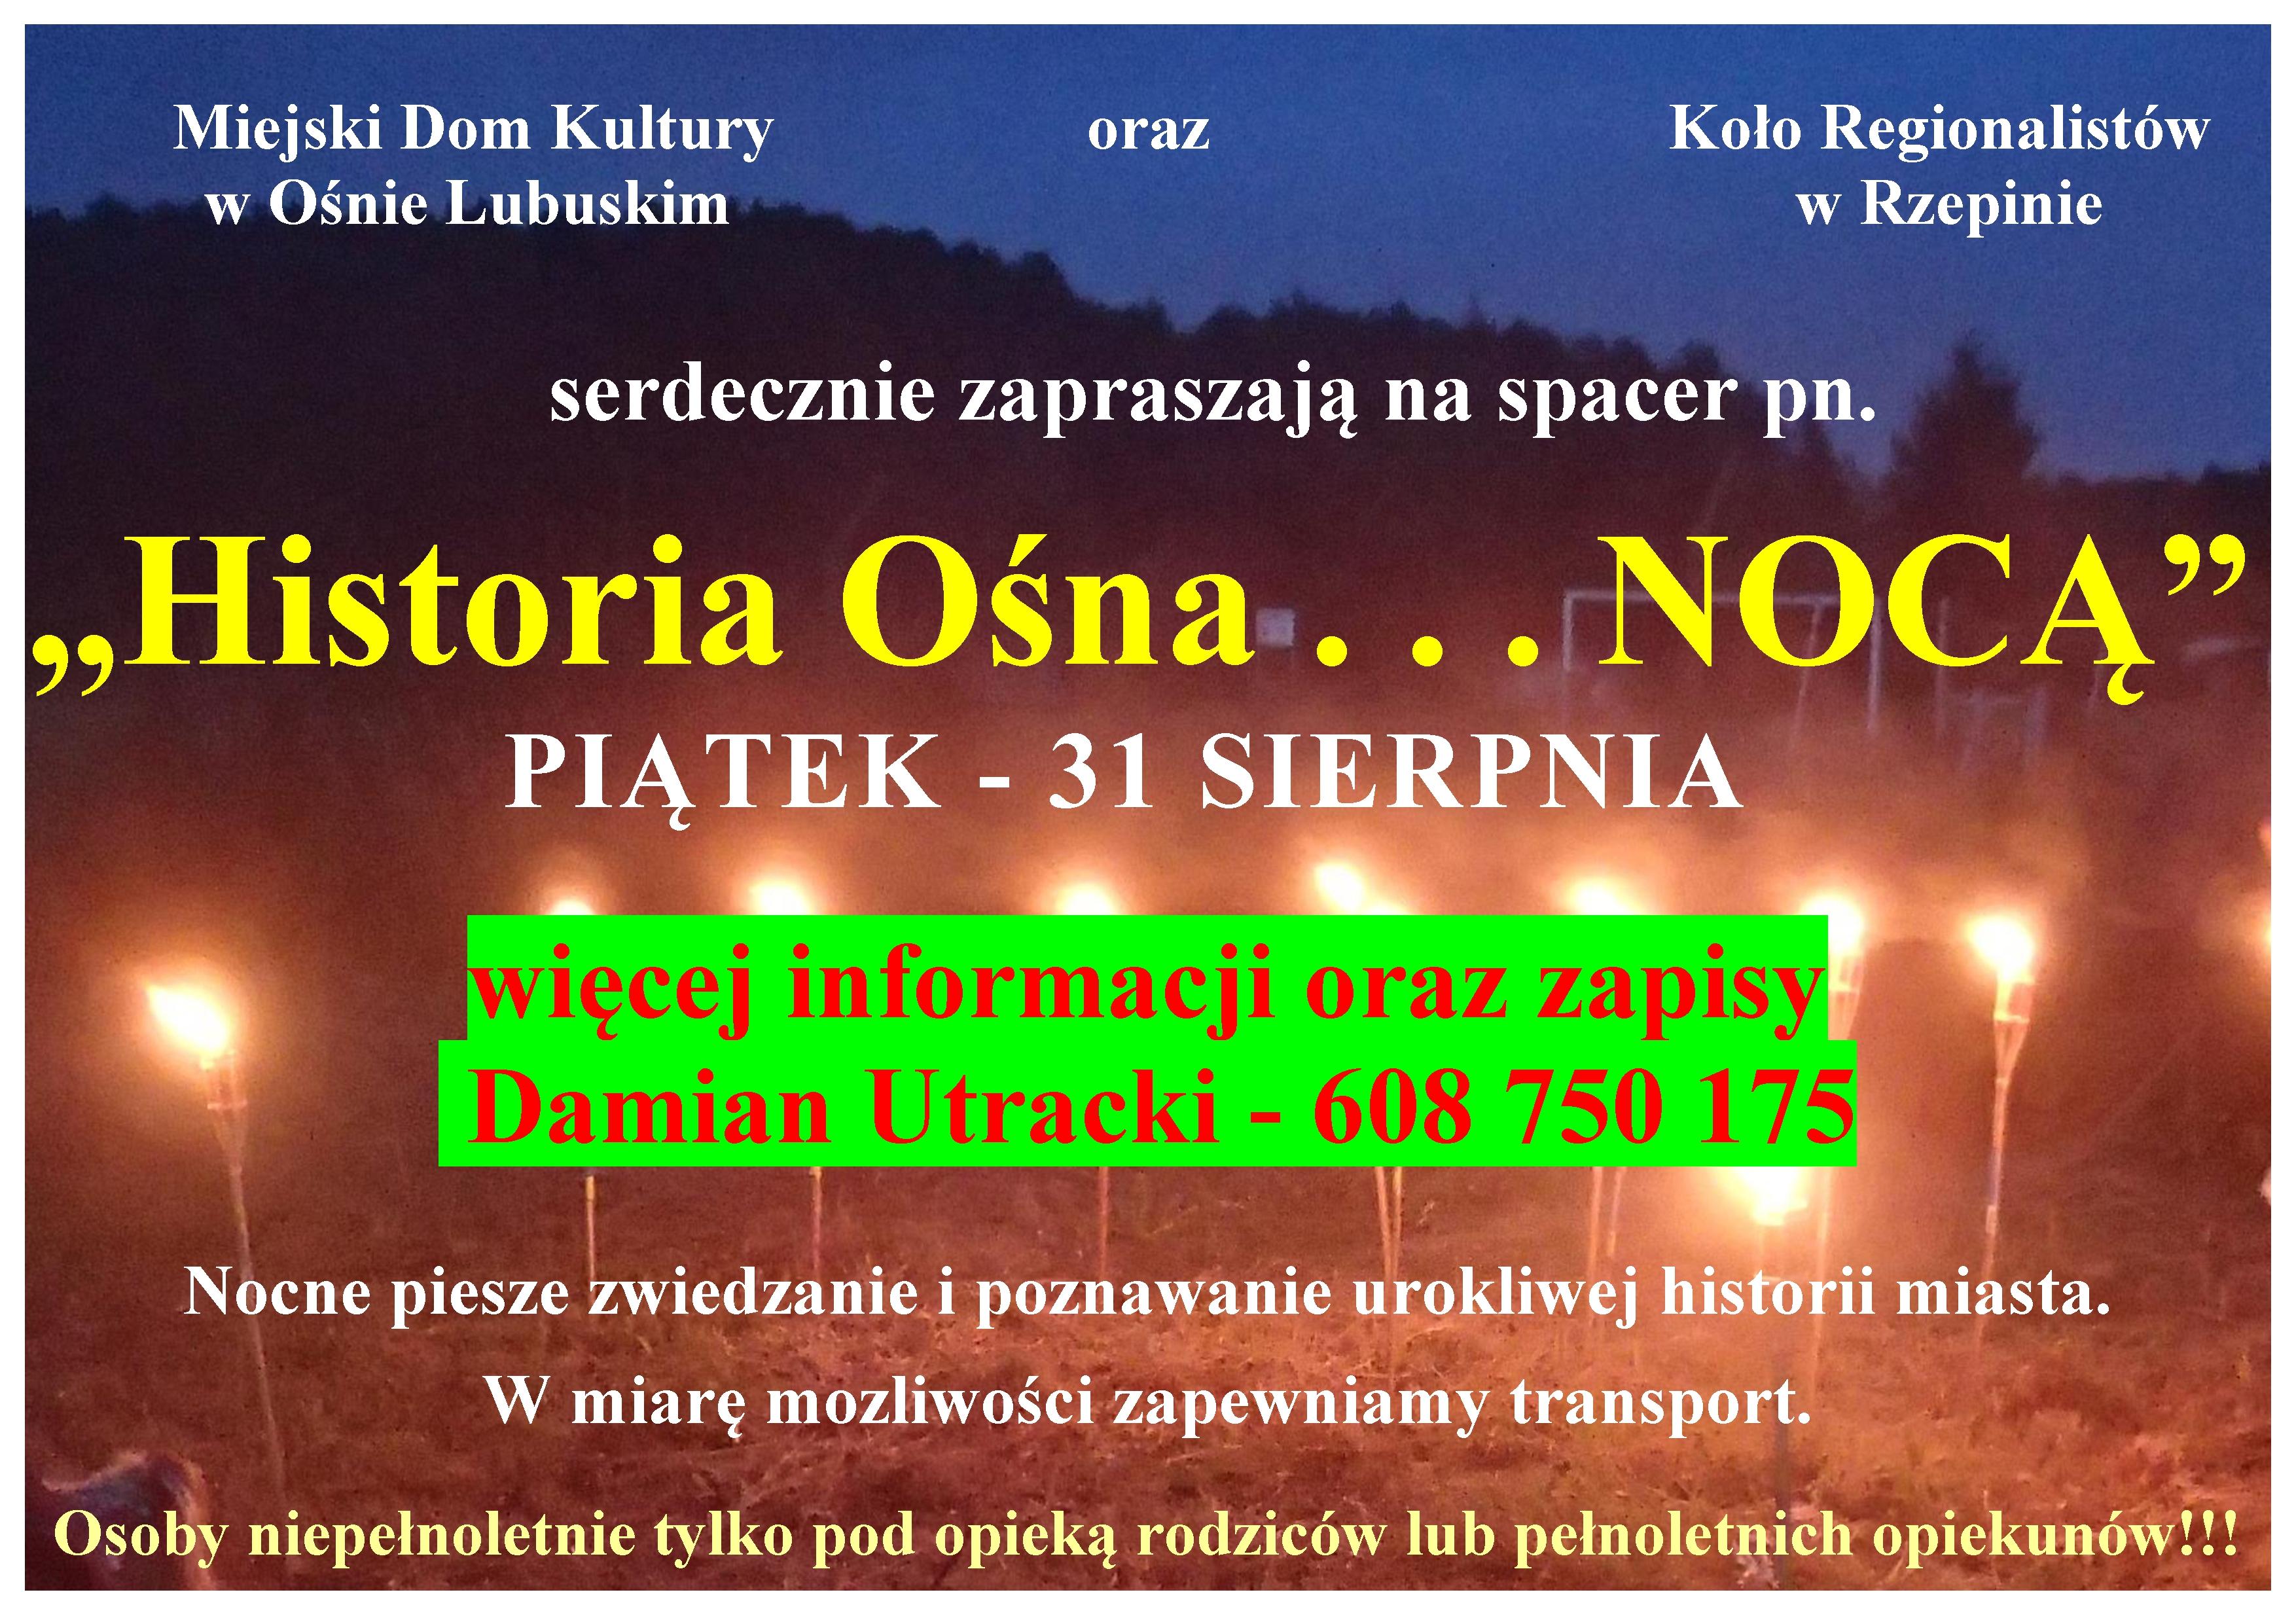 Ilustracja do informacji: Historia Ośna...nocą...